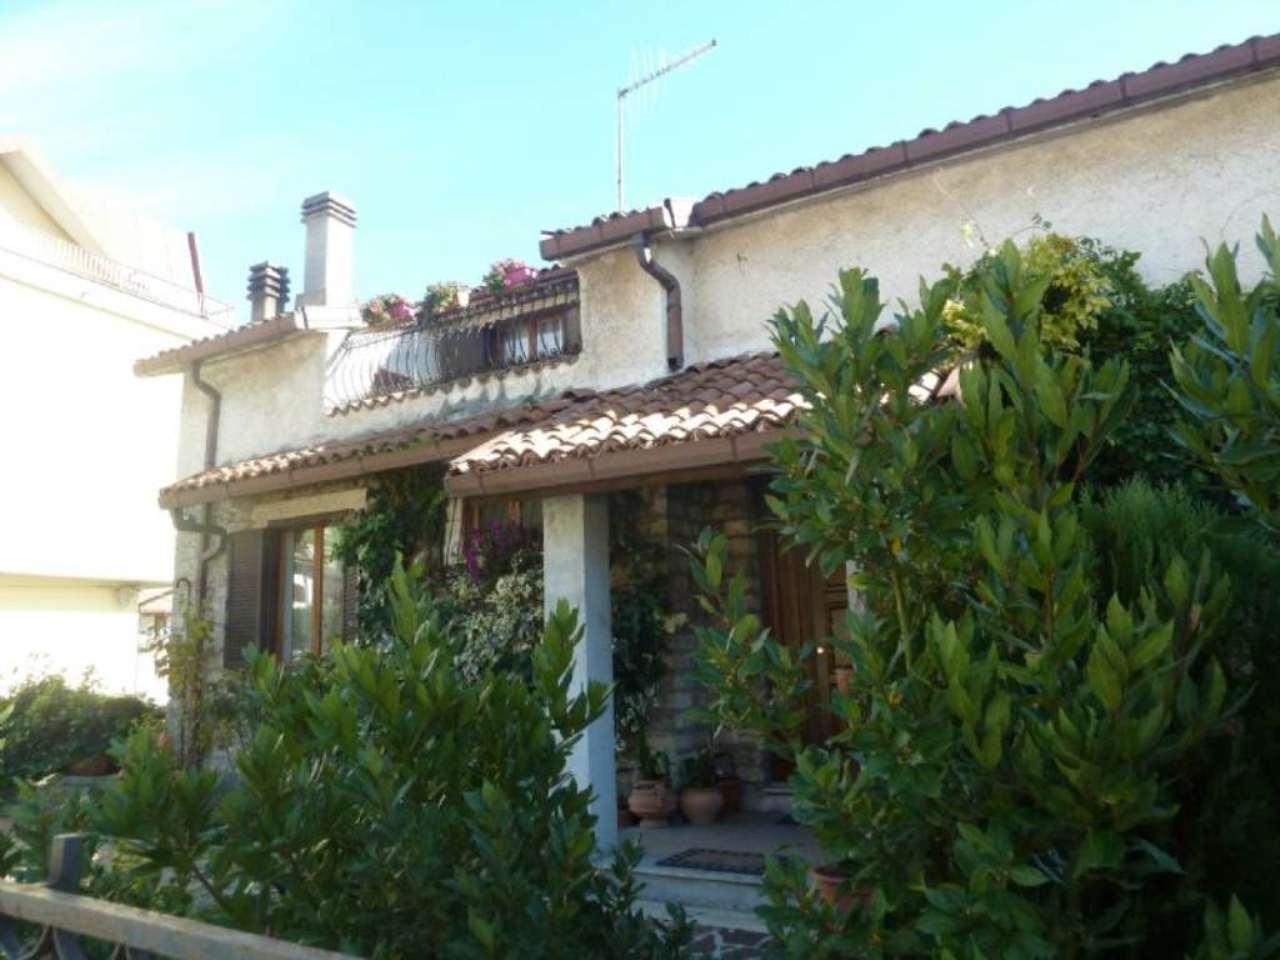 Soluzione Indipendente in vendita a Carsoli, 9 locali, prezzo € 380.000 | Cambio Casa.it